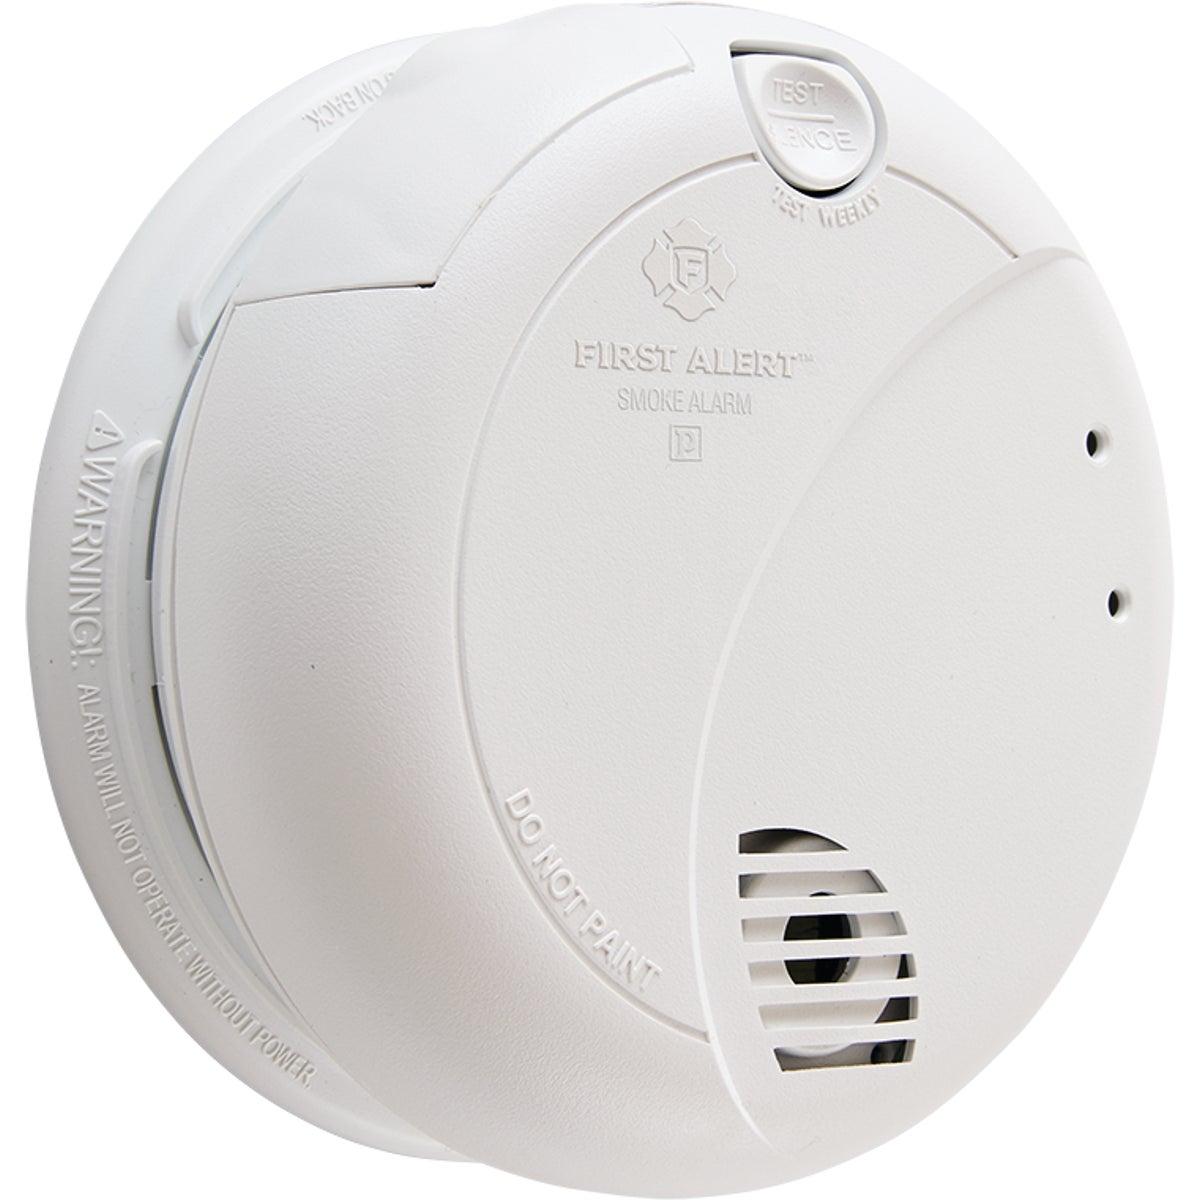 Ac Smoke Alarm W/Battery